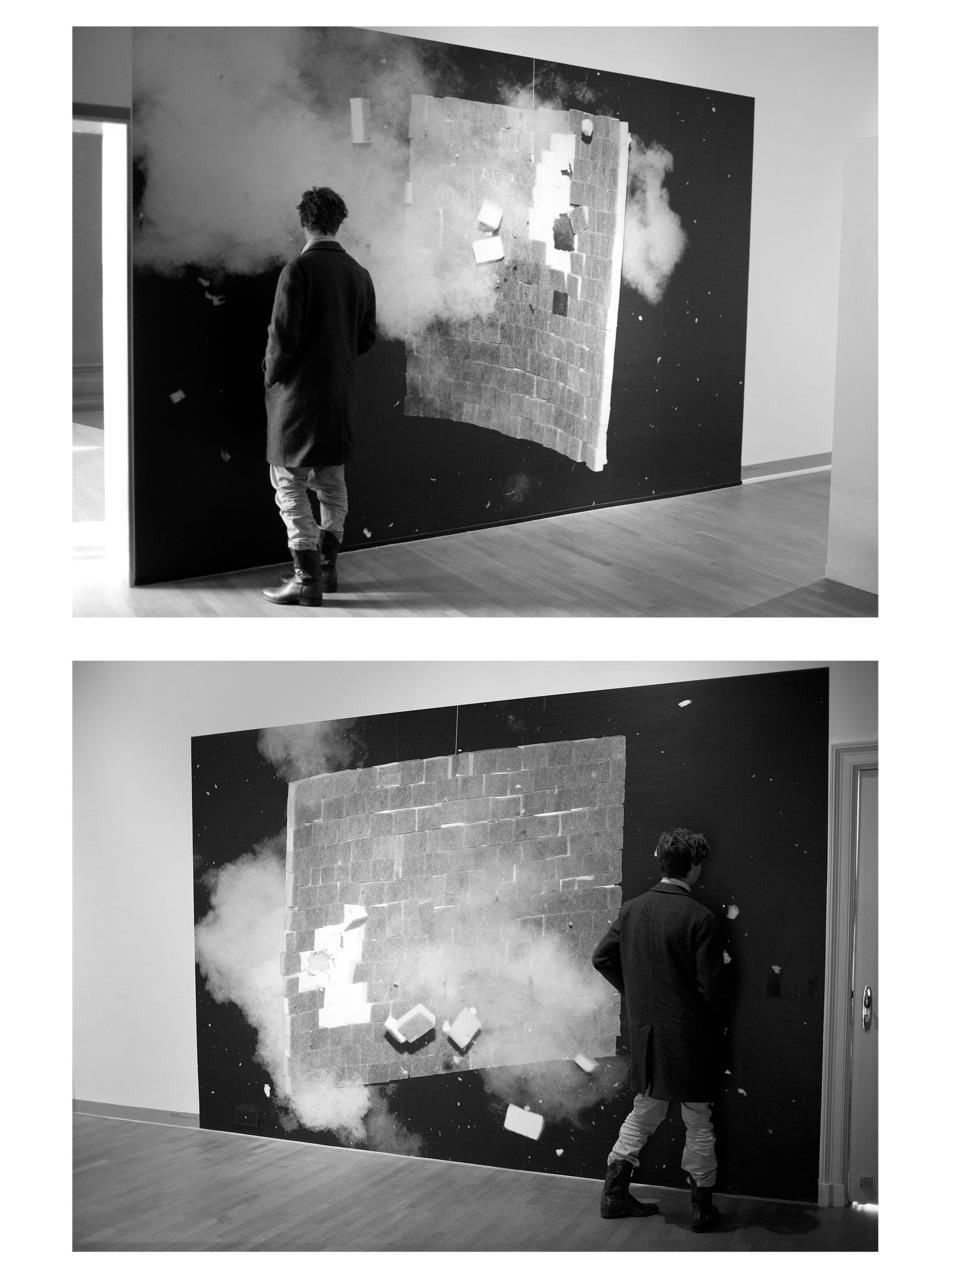 (official) my new work in FOAM Amsterdam. Der Ausbruch einer flexiblen Wand (weich und hart) 400-300 cm bw wallpaper dyptich